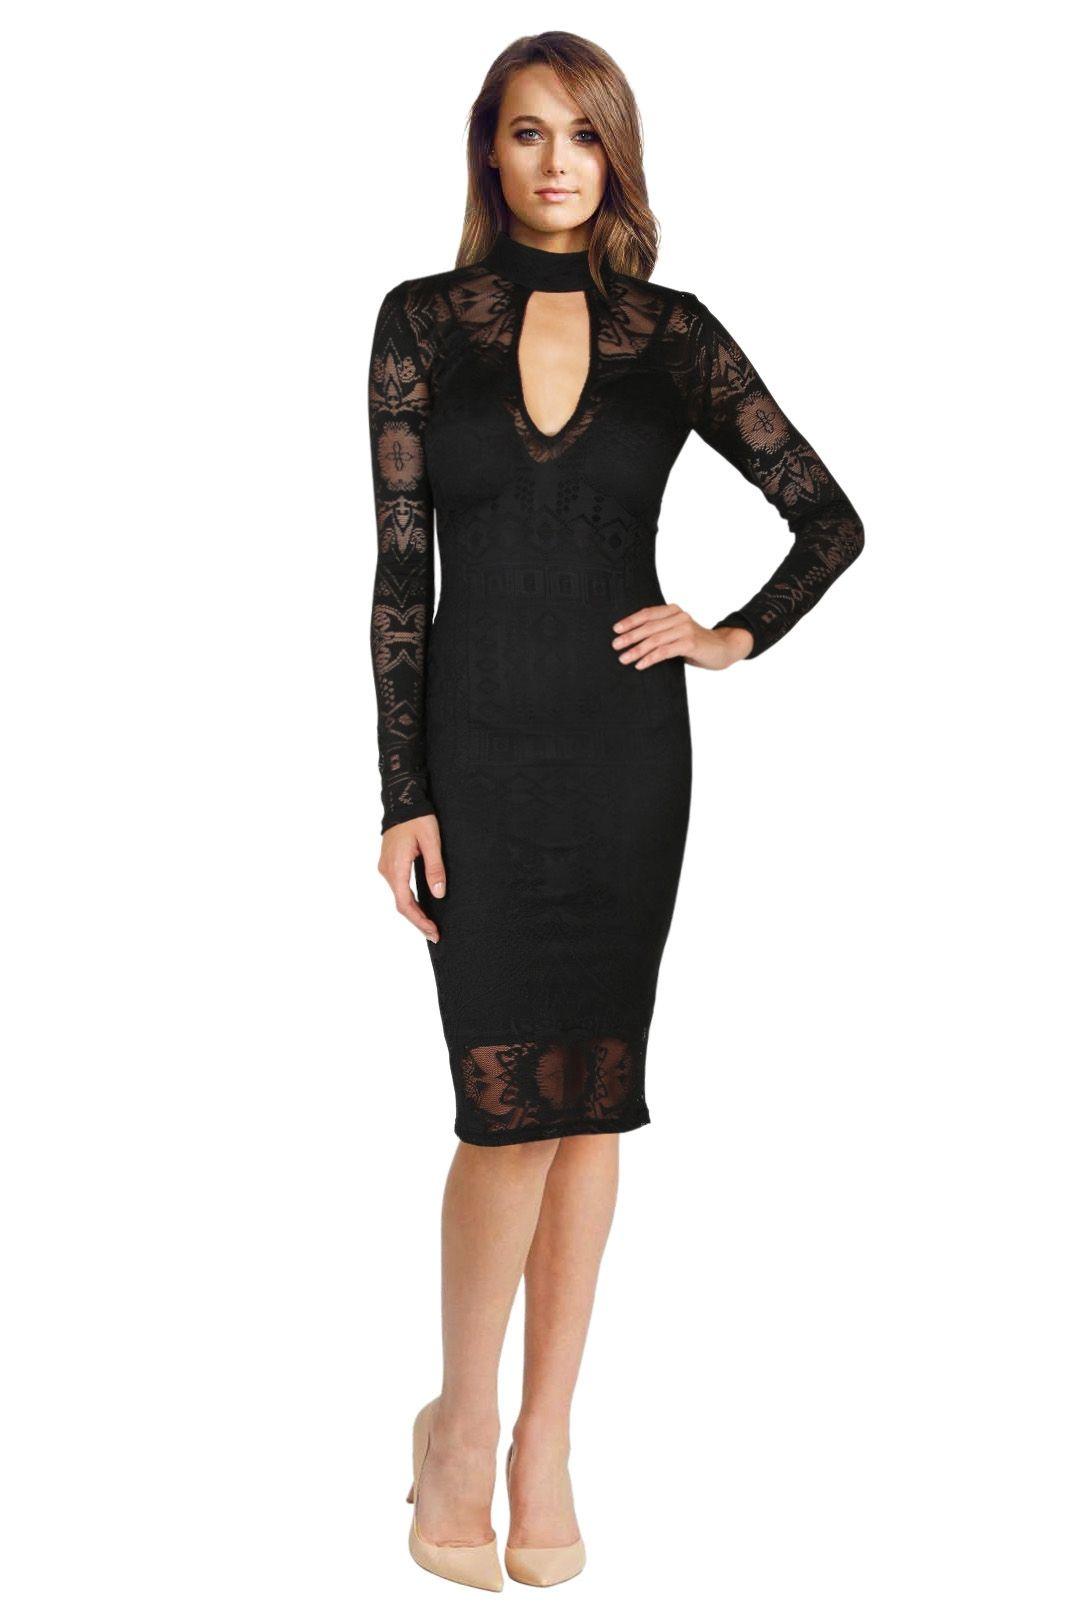 Bec & Bridge - Marvel Long Sleeved Lace Dress -  Black - Front